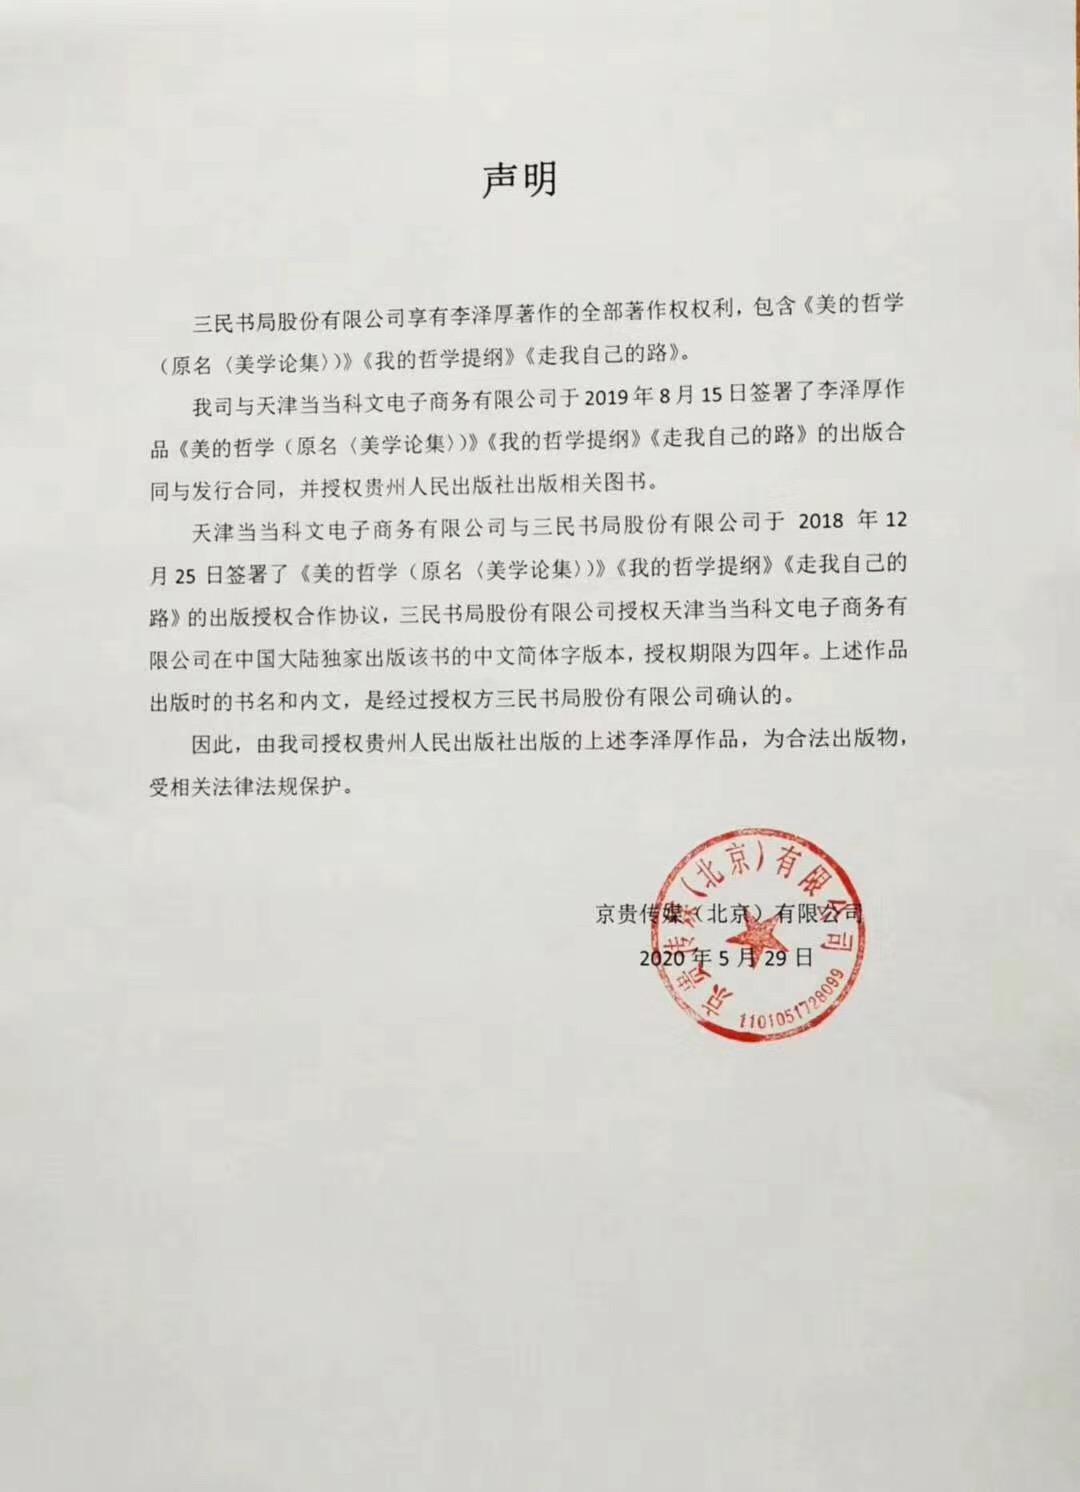 京贵传媒(北京)北京有限公司的声明